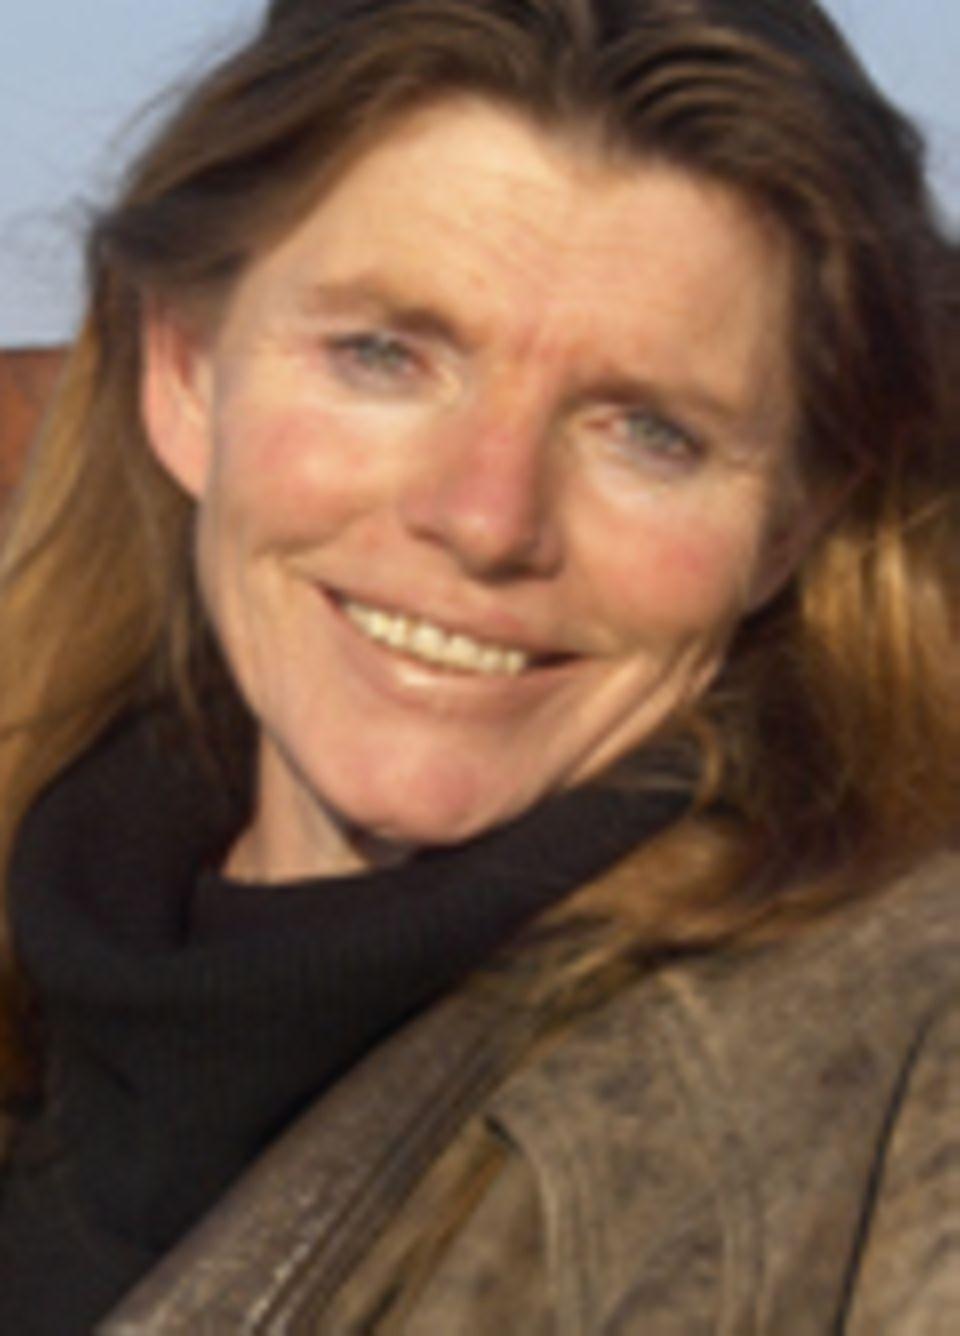 Dr. Anita Idel ist Tierärztin und Mitbegründerin des Gen-ethischen Netzwerks. Sie hat einen Lehrauftrag an der Uni Kassel für die ökologischen, tiergesundheitlichen und sozioökonomischen Auswirkungen der Gentechnik in der Landwirtschaft